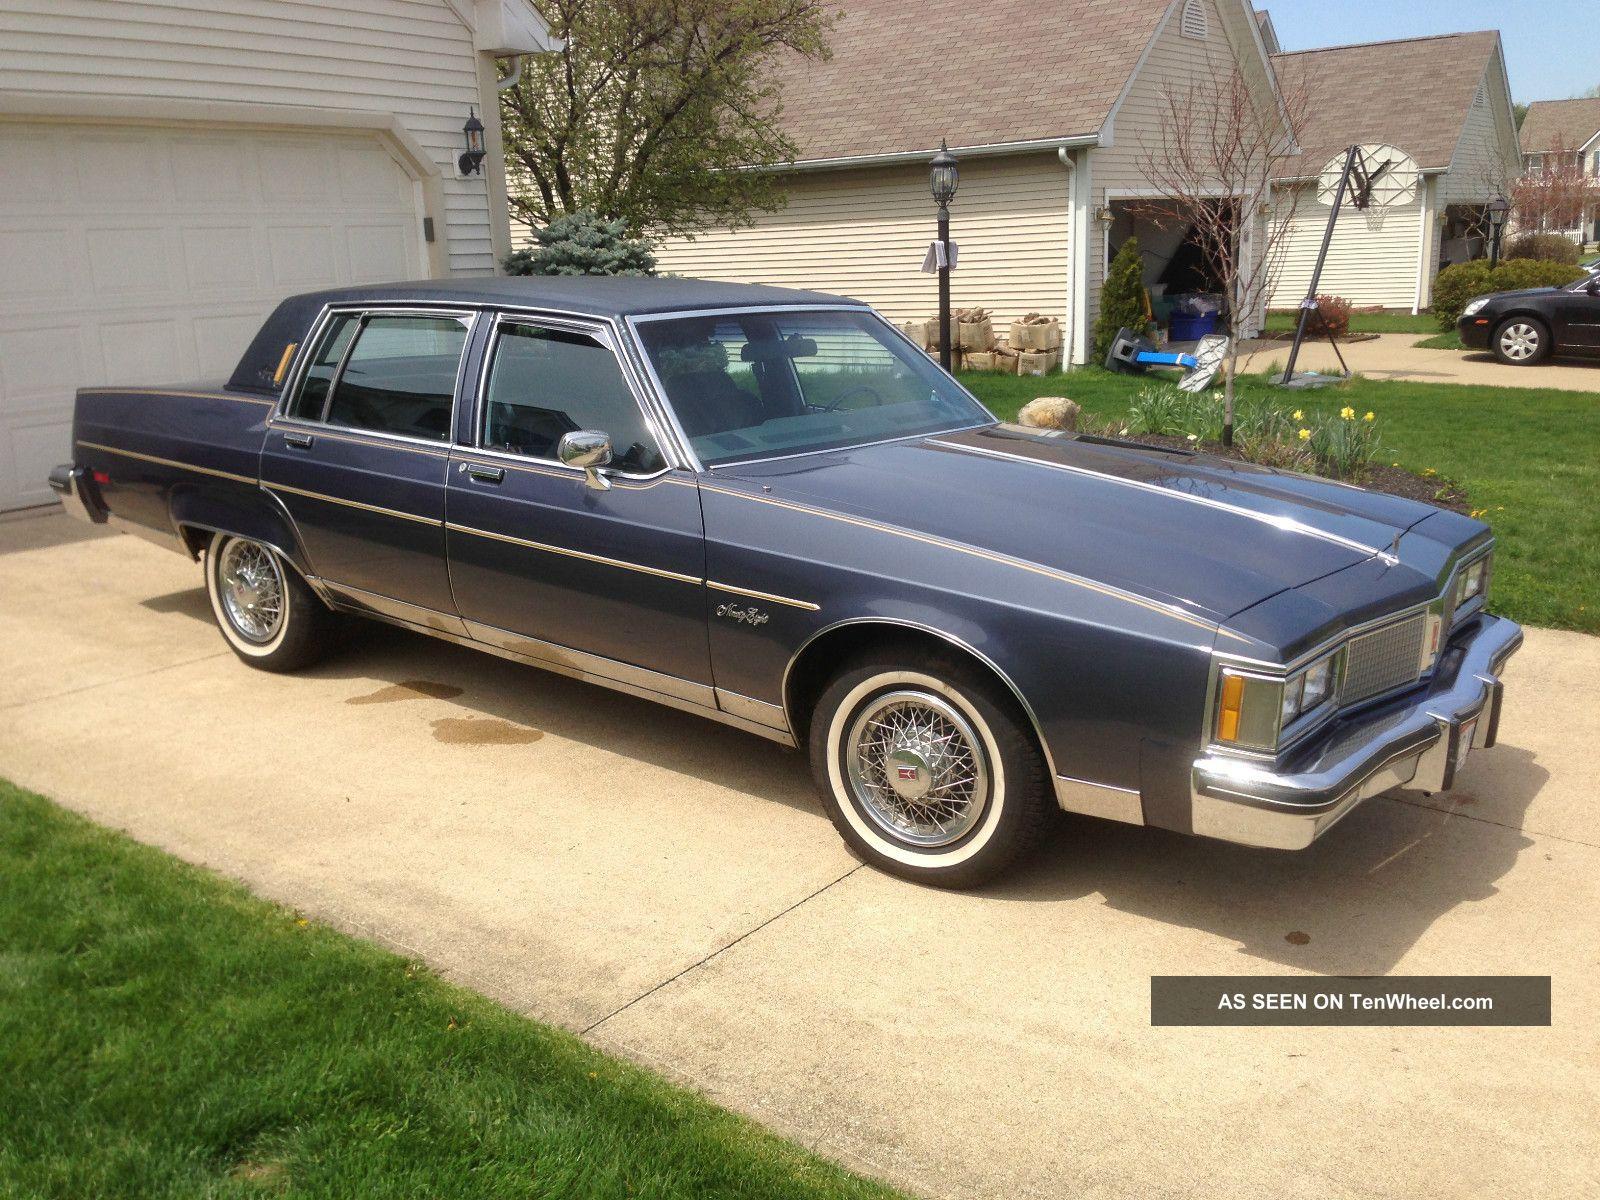 1983 Oldsmobile 98 4dr Sedan Regency Blue Landau Top Ninety-Eight photo